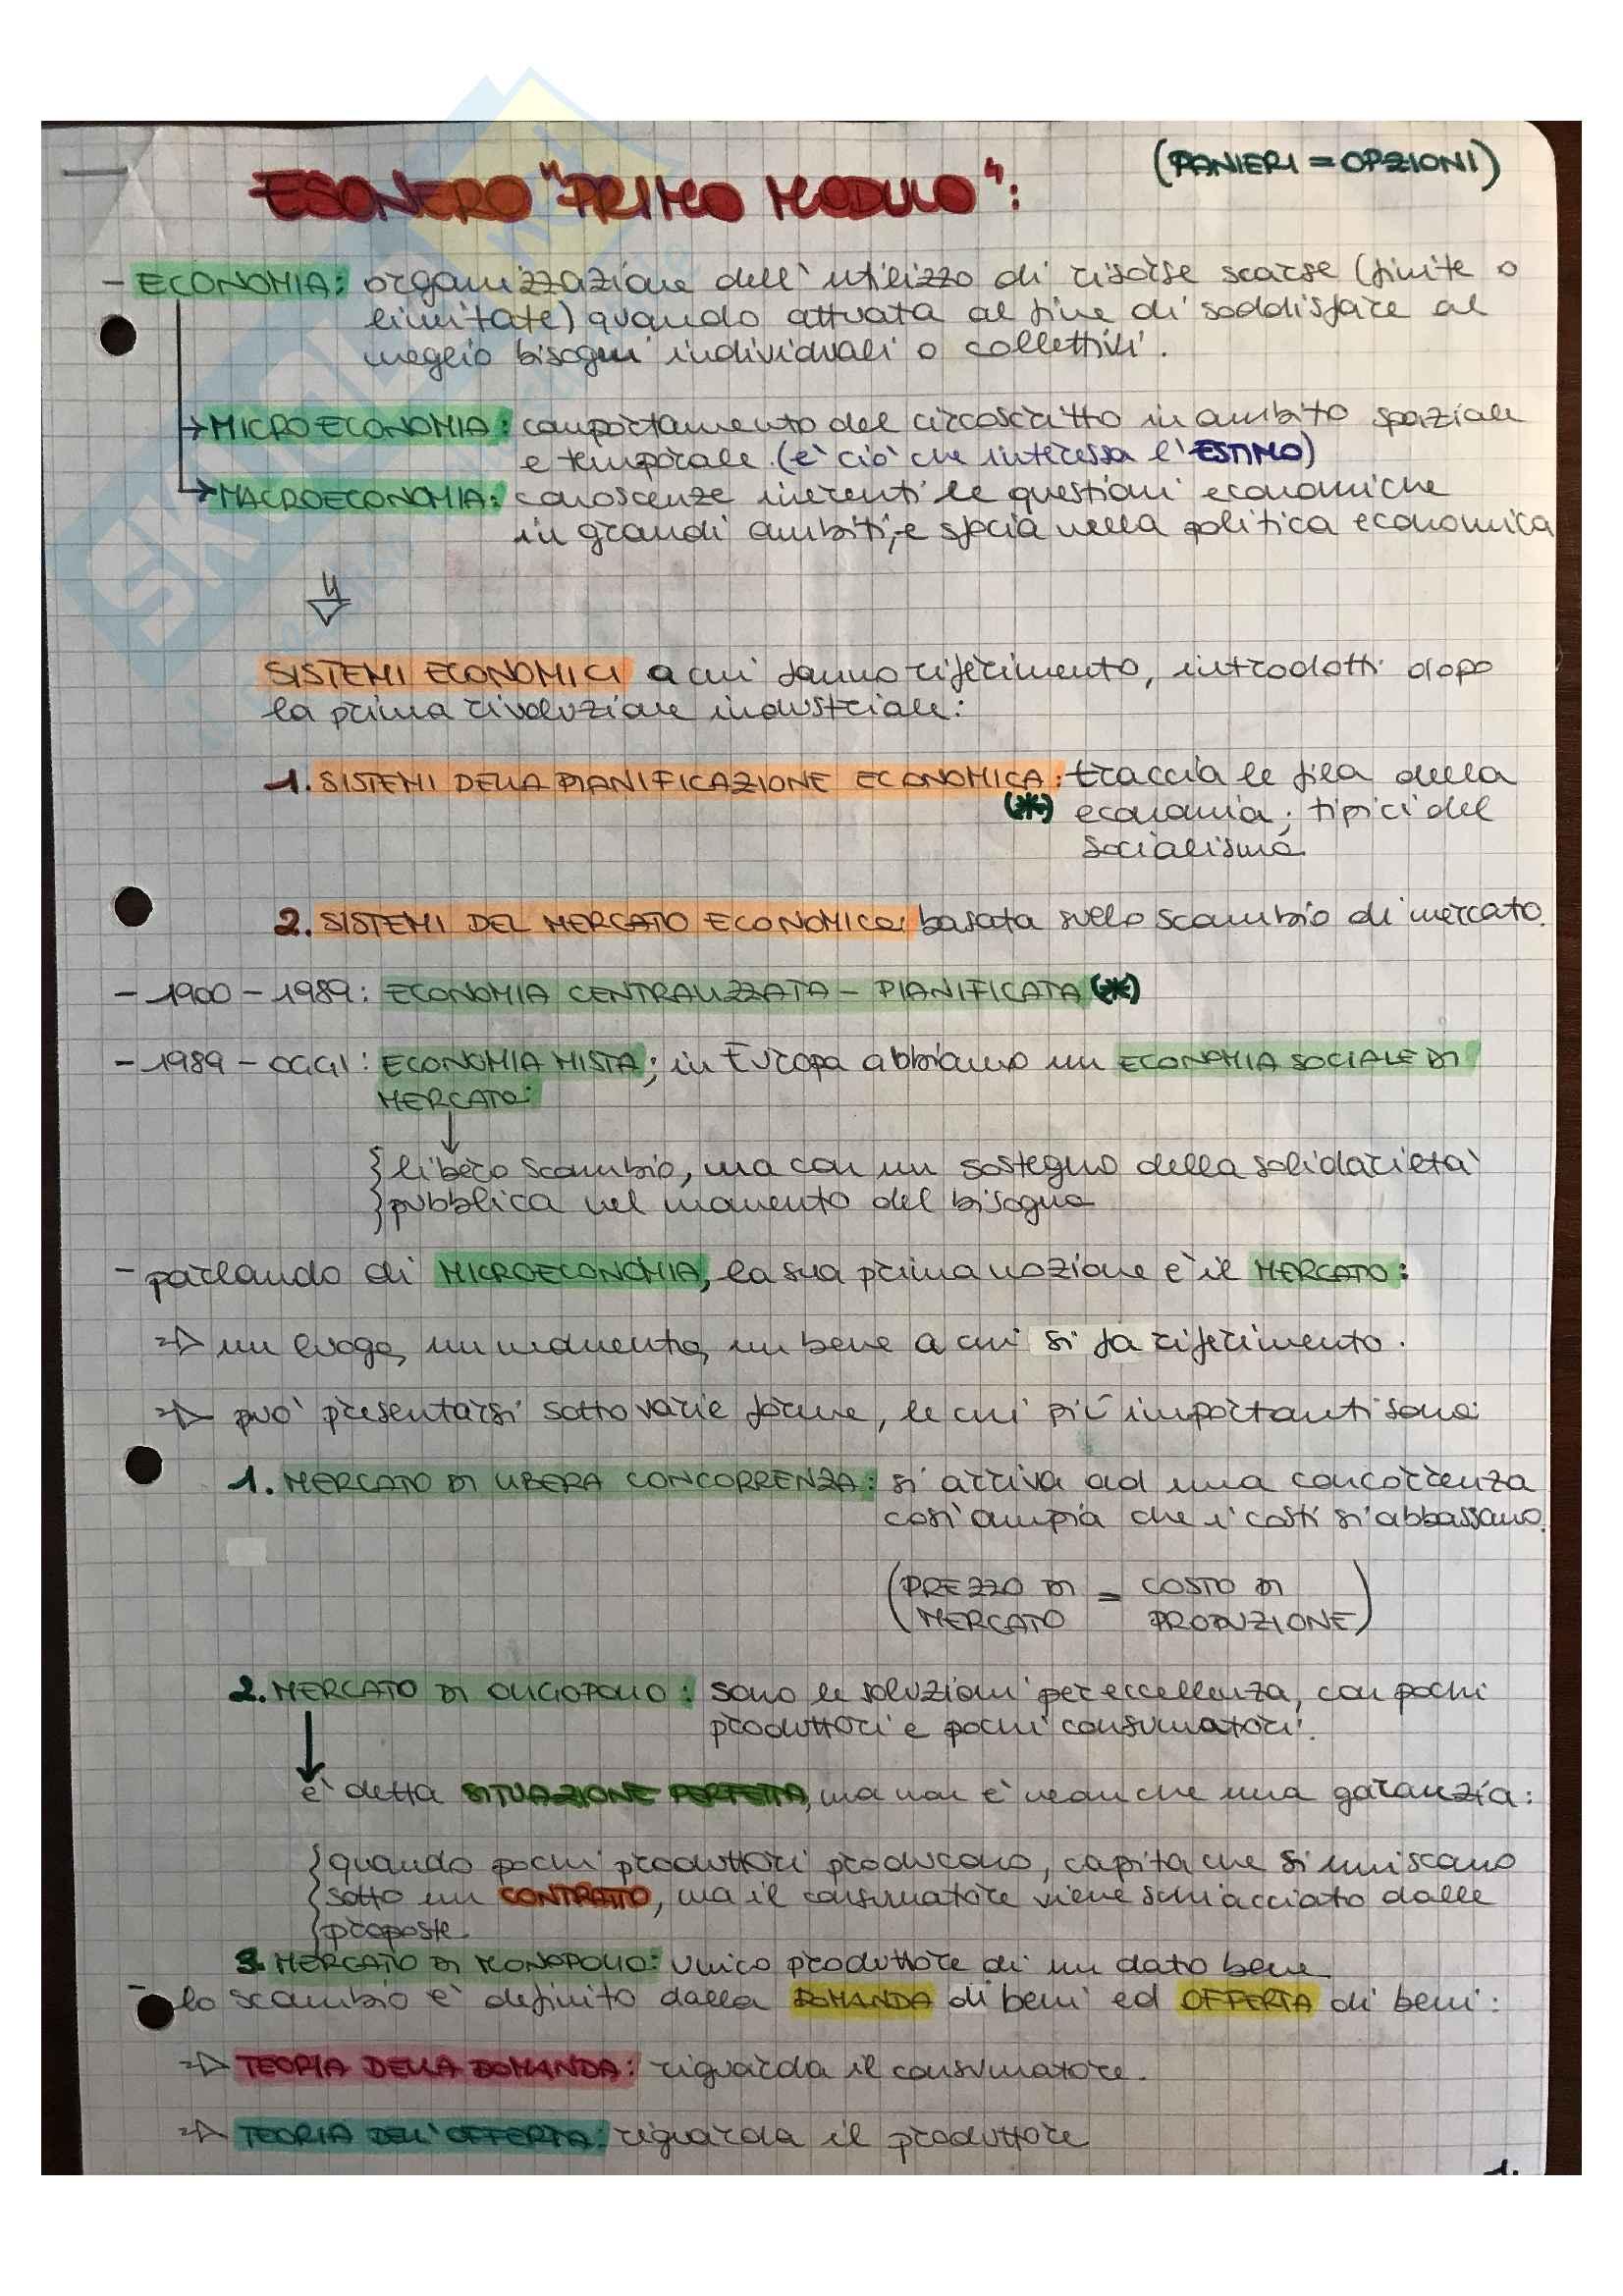 Appunti lezioni Economia ed estimo civile, prof. Saverio Miccoli